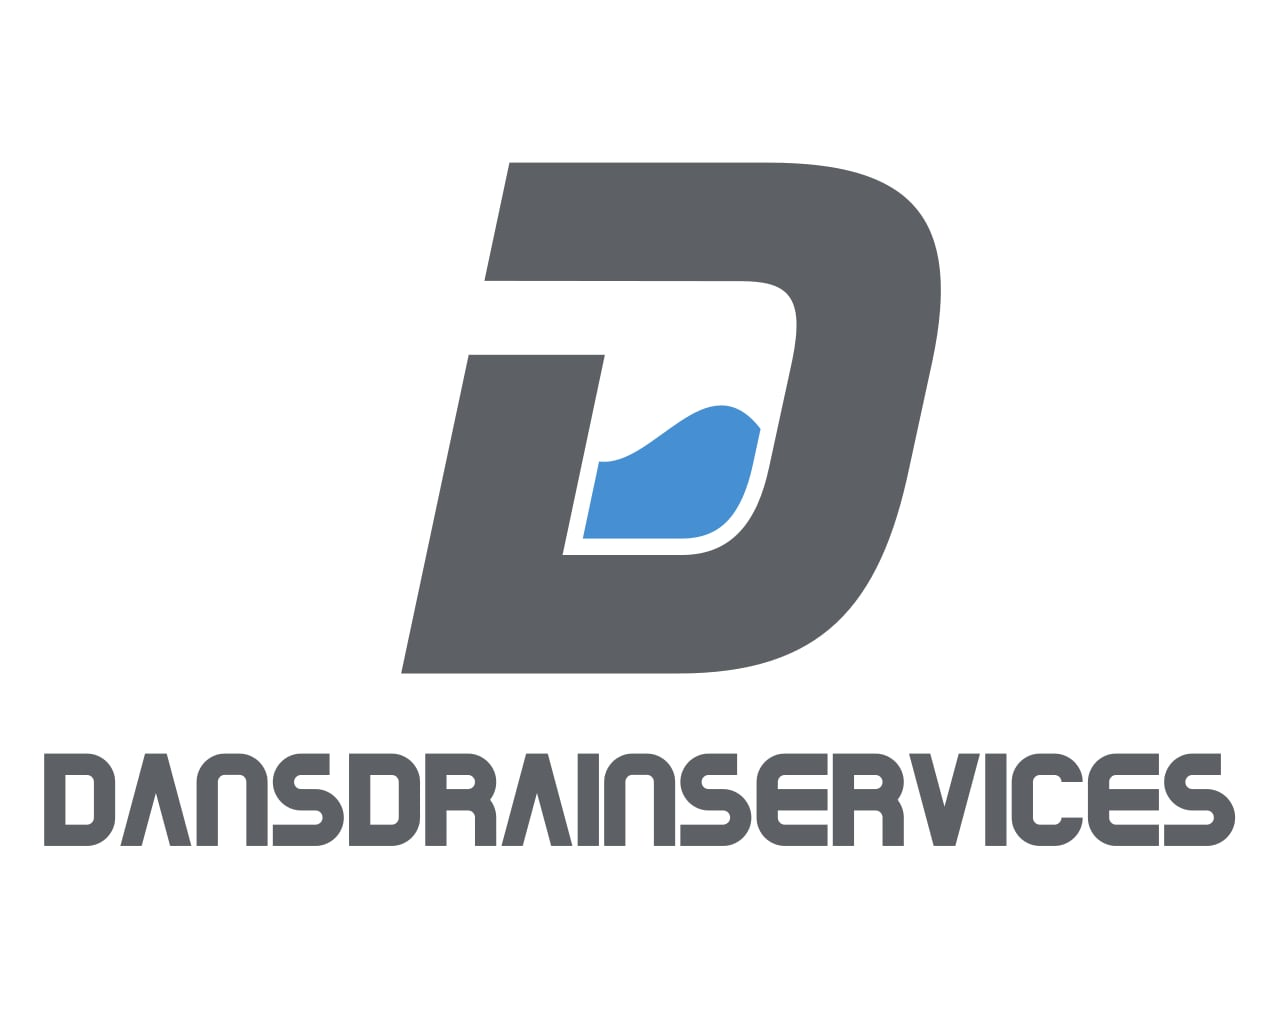 Dan's Drain Services